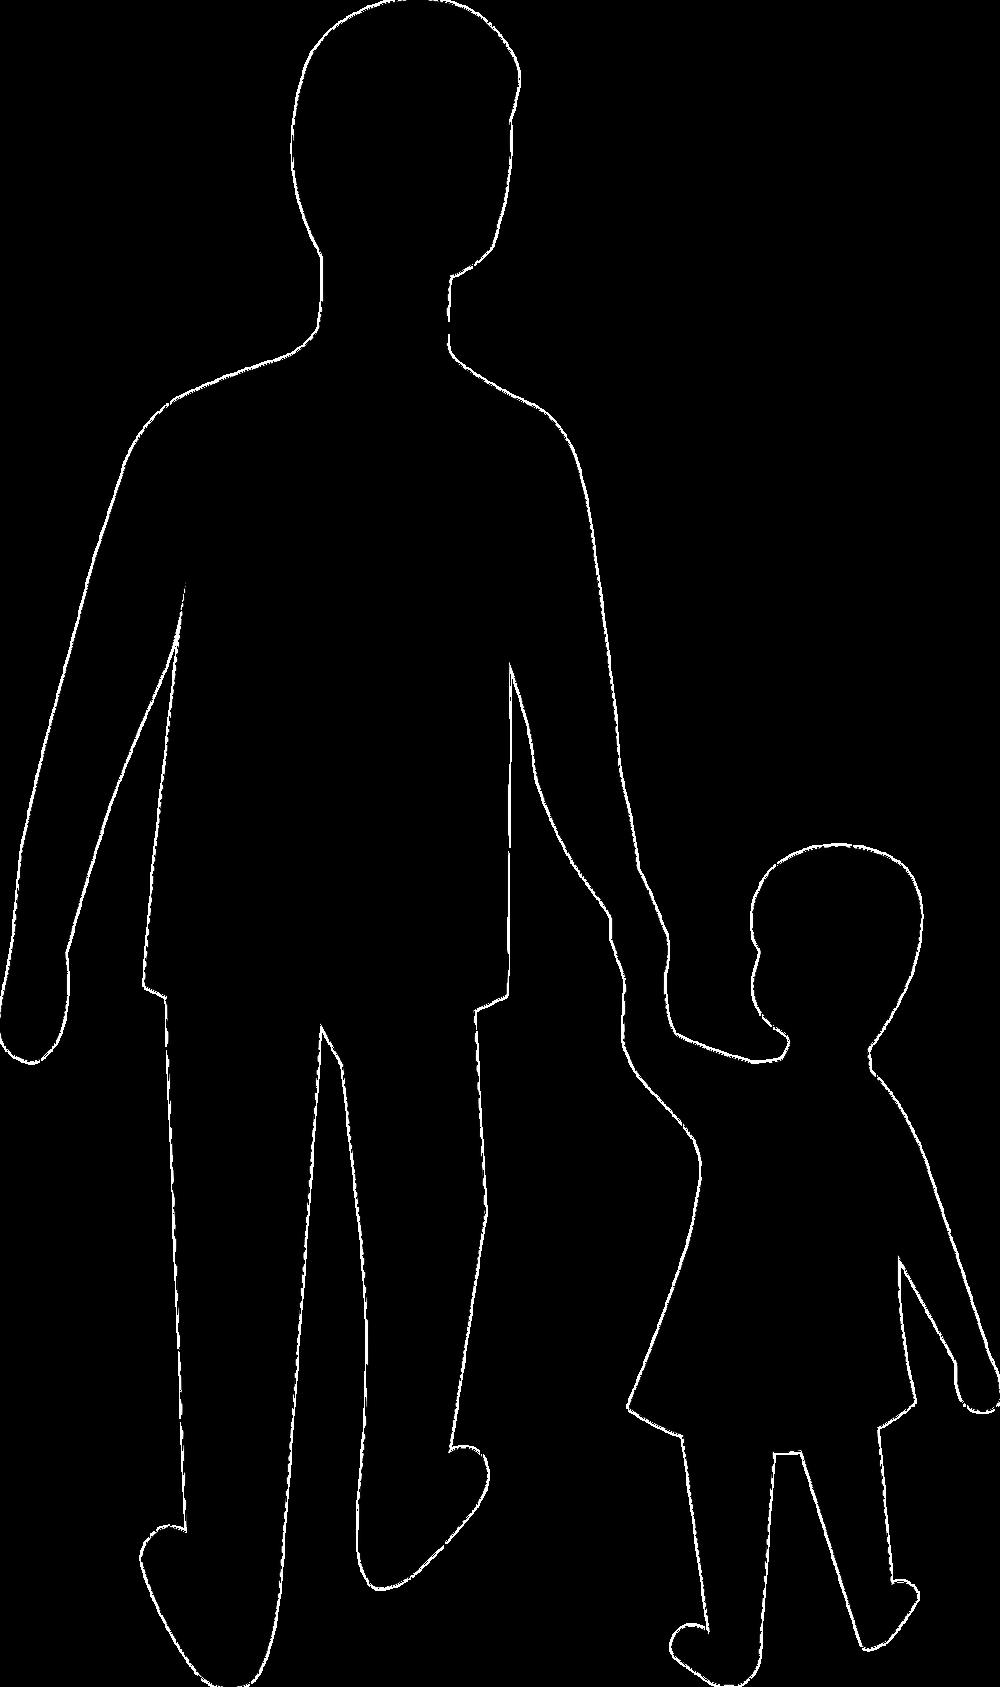 Løft dit selvværd: Tag dit indre barn i hånden og giv dig selv den kærlighed og anerkendelse, som du fortjener!